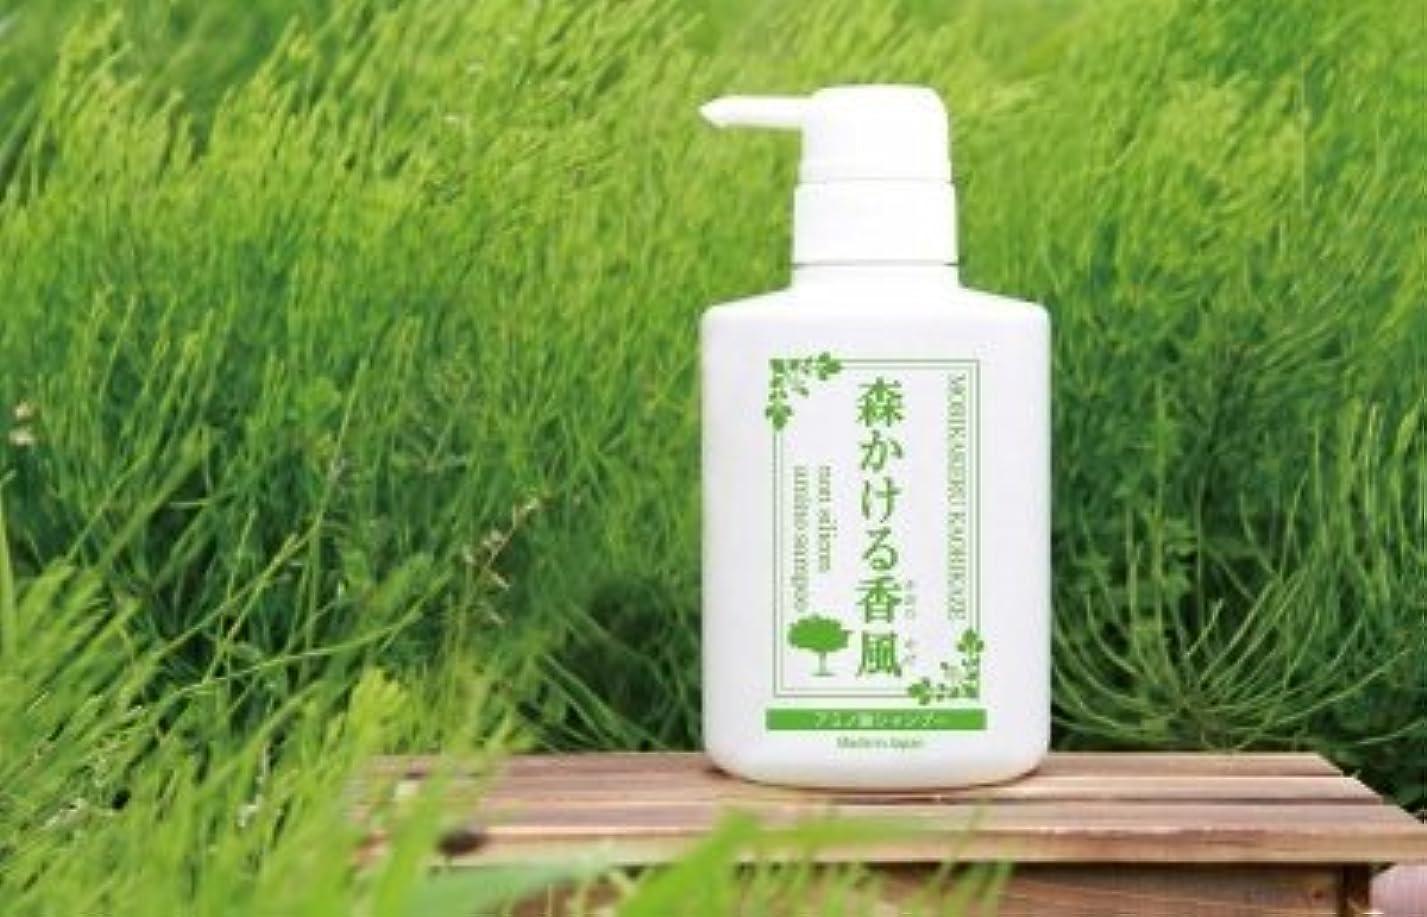 ペッカディロ肌命令的お肌にやさしい弱酸性のアミノ酸シャンプー「森かける香風」300ml(品番K-1)k-gate